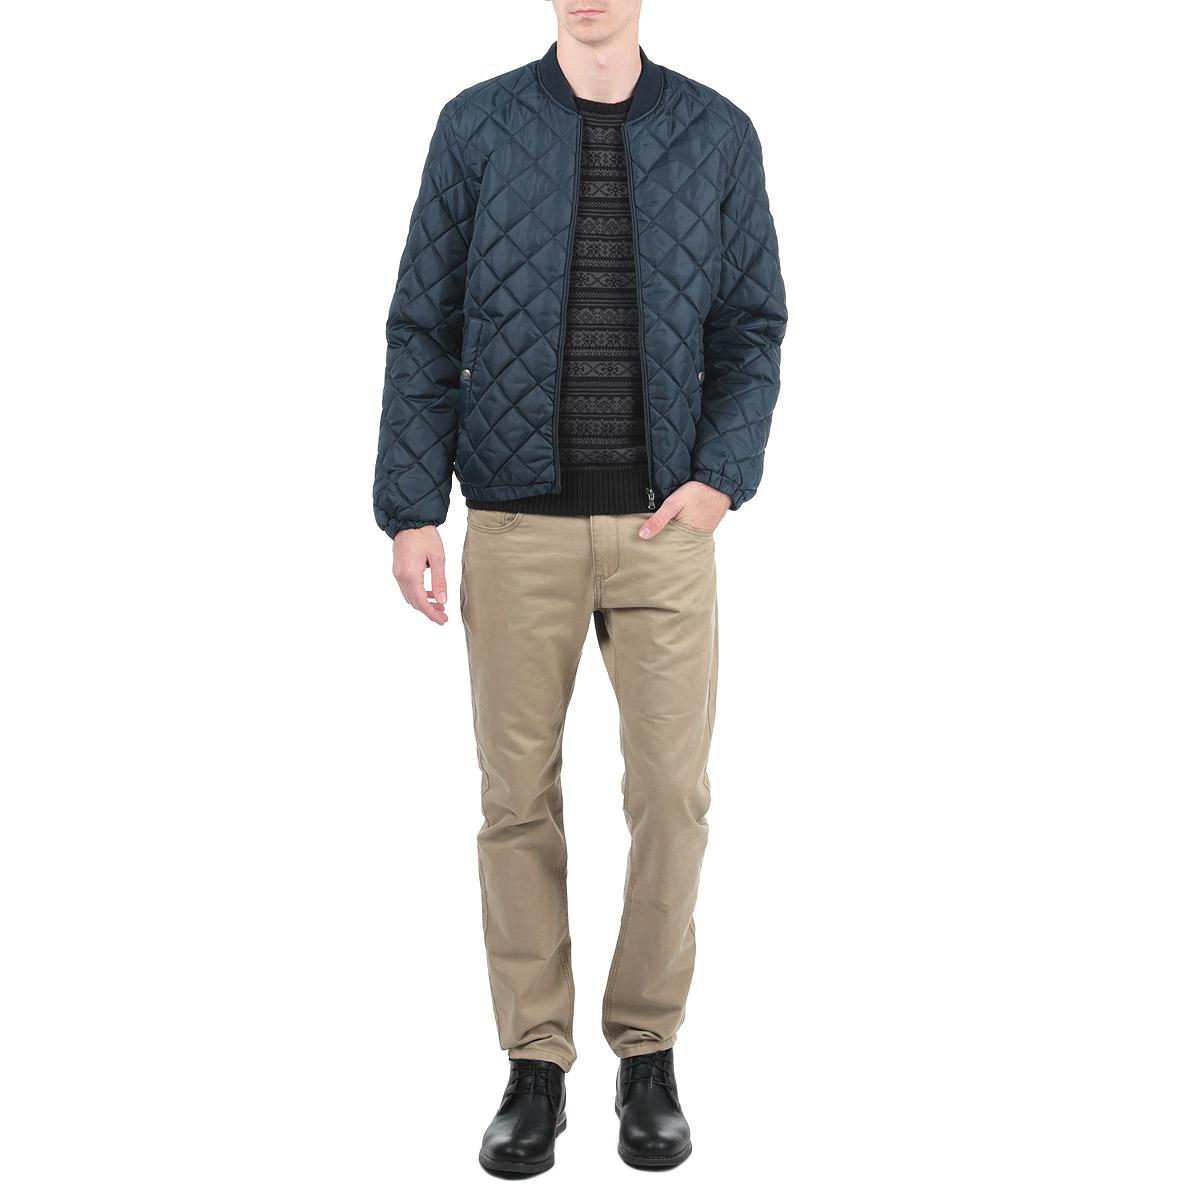 Куртка мужская. 1015307010153070_557Стильная и легкая мужская куртка Broadway отлично подойдет для прохладной погоды. Куртка с круглым воротником, оформленная стеганой отстрочкой, застегивается на застежку-молнию и дополнена двумя прорезными карманами на кнопках. На внутренней стороне изделие дополнено прорезным карманом на липучке. Воротник изделия дополнен ремешком на пряжке, манжеты рукавов застегиваются на кнопки. Эта модная куртка послужит отличным дополнением к вашему гардеробу.